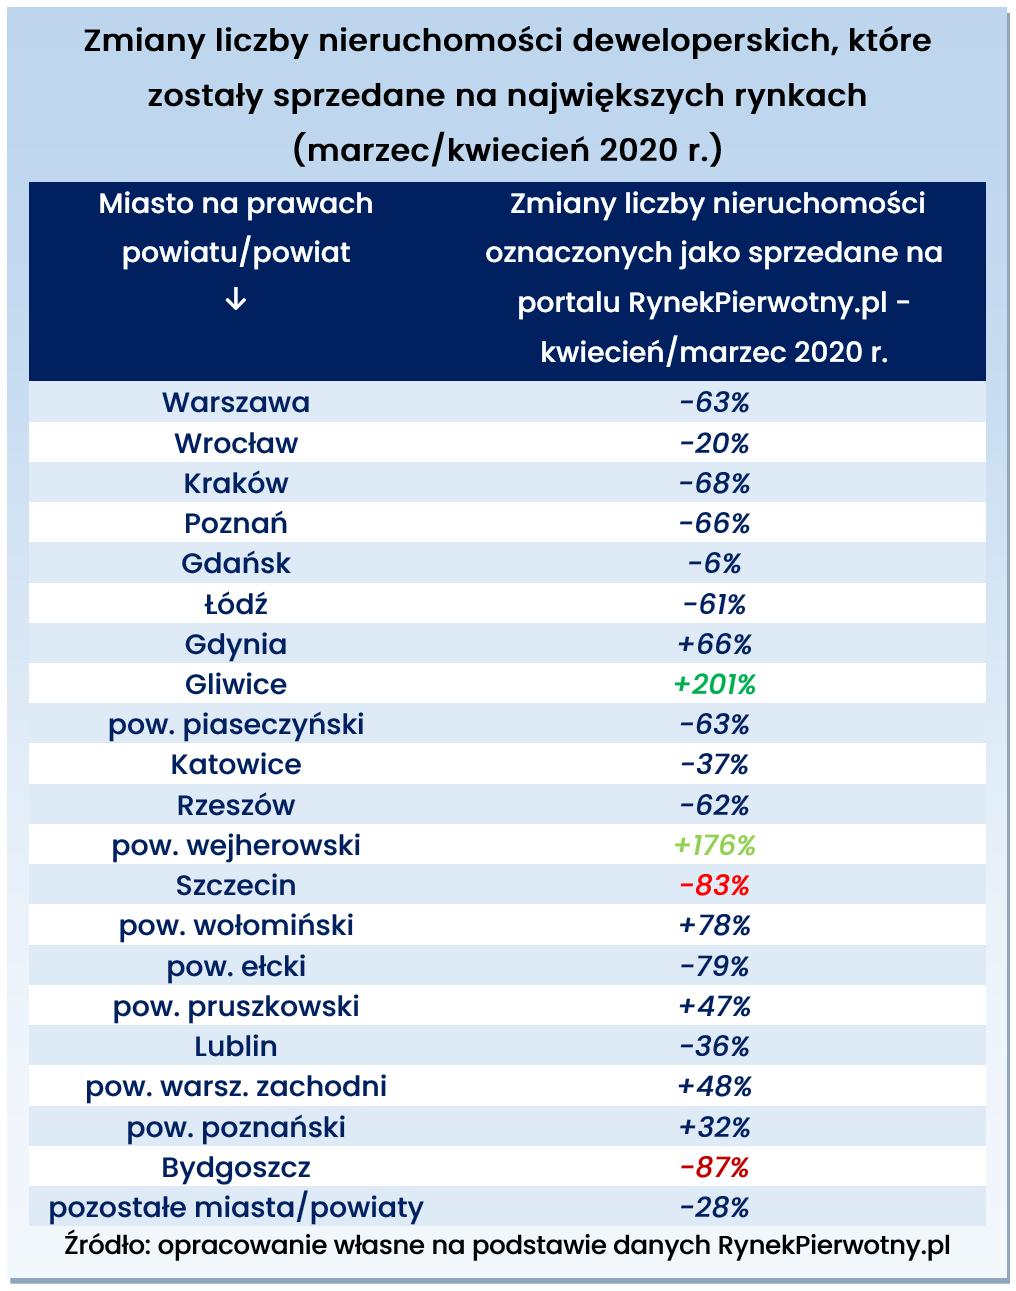 Zmiany liczby nieruchomości deweloperskich, które zostały sprzedane na największych rynkach